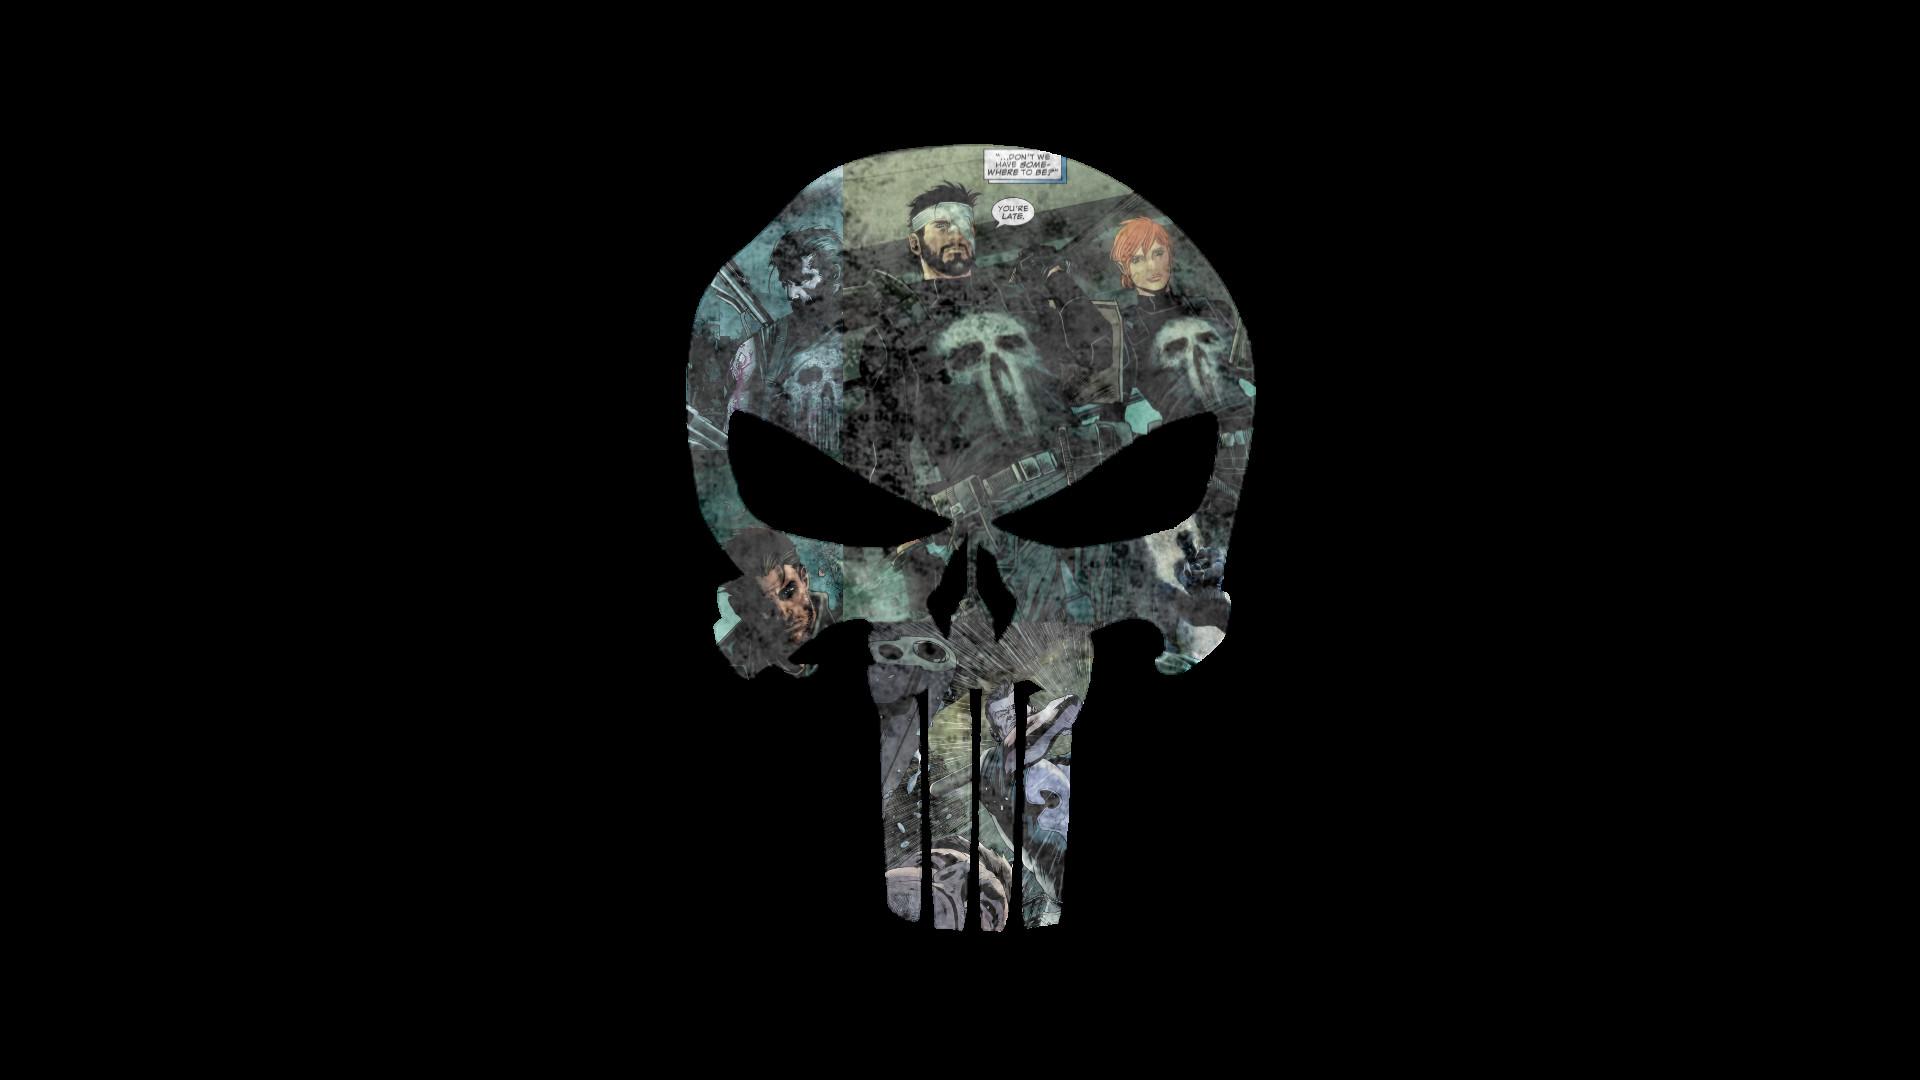 Punisher Skull Wallpaper 61 Images